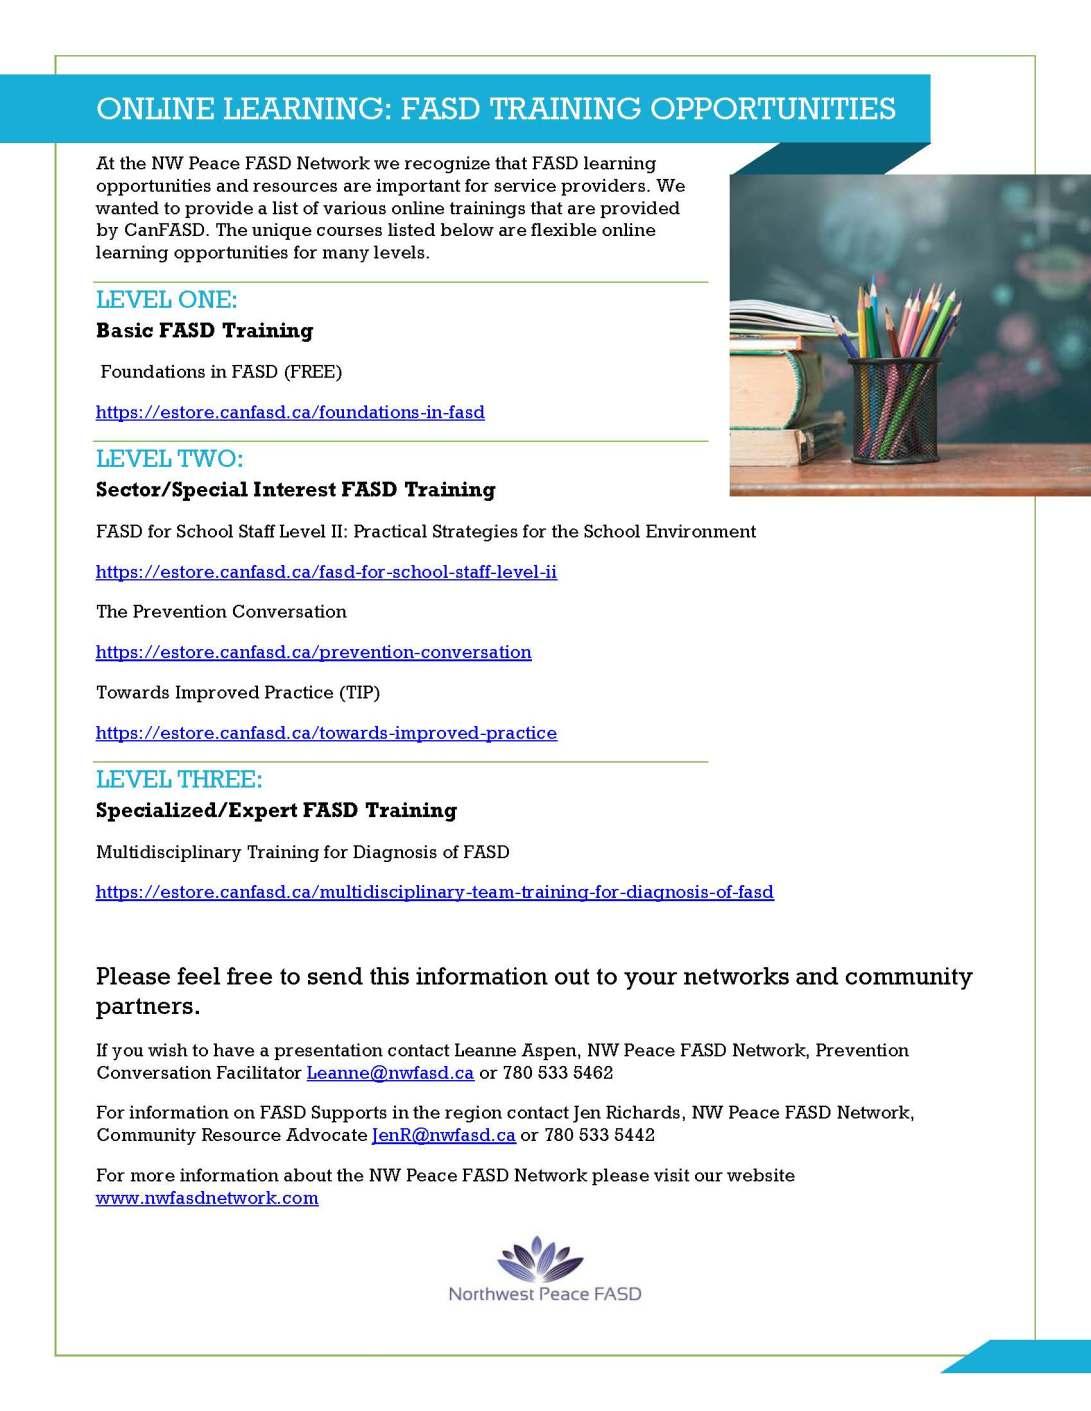 FASD Online Learning.jpg